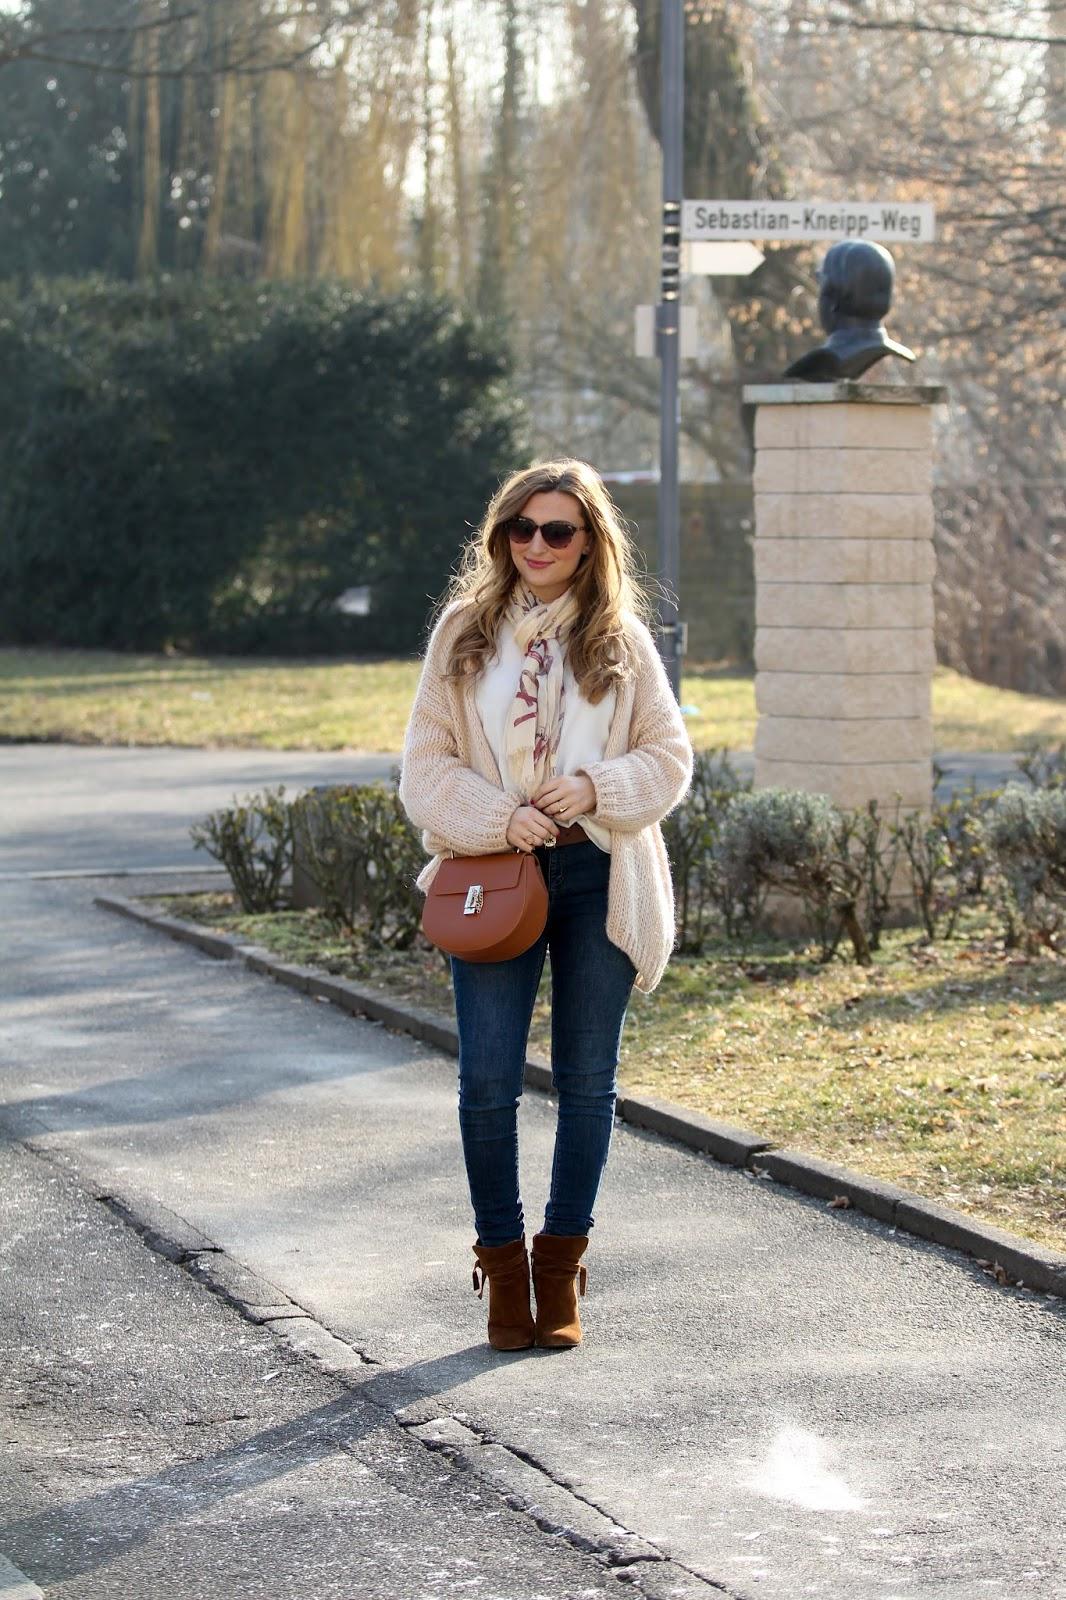 Fashionstylebyjohanna-valentino-schal-chloe-drew-bag-Braune-stiefelleten-braune-wildleder-stiefeletten